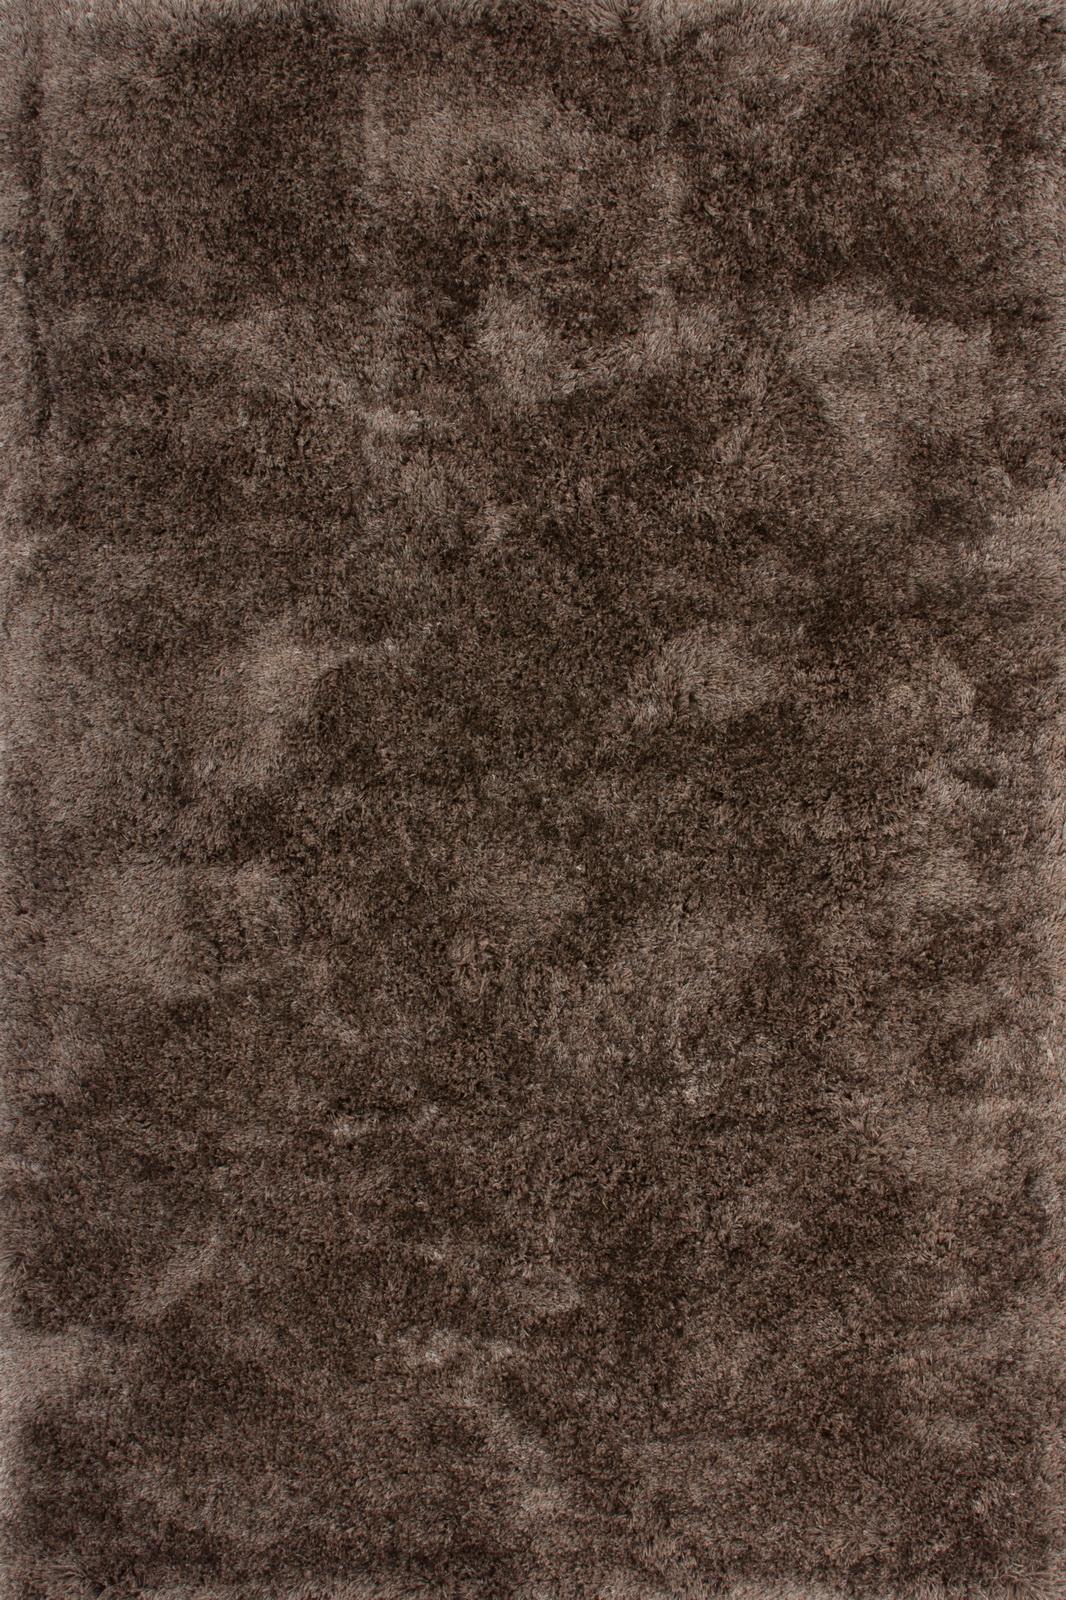 Ručně všívaný koberec - Lalee - Monaco 444 Platin